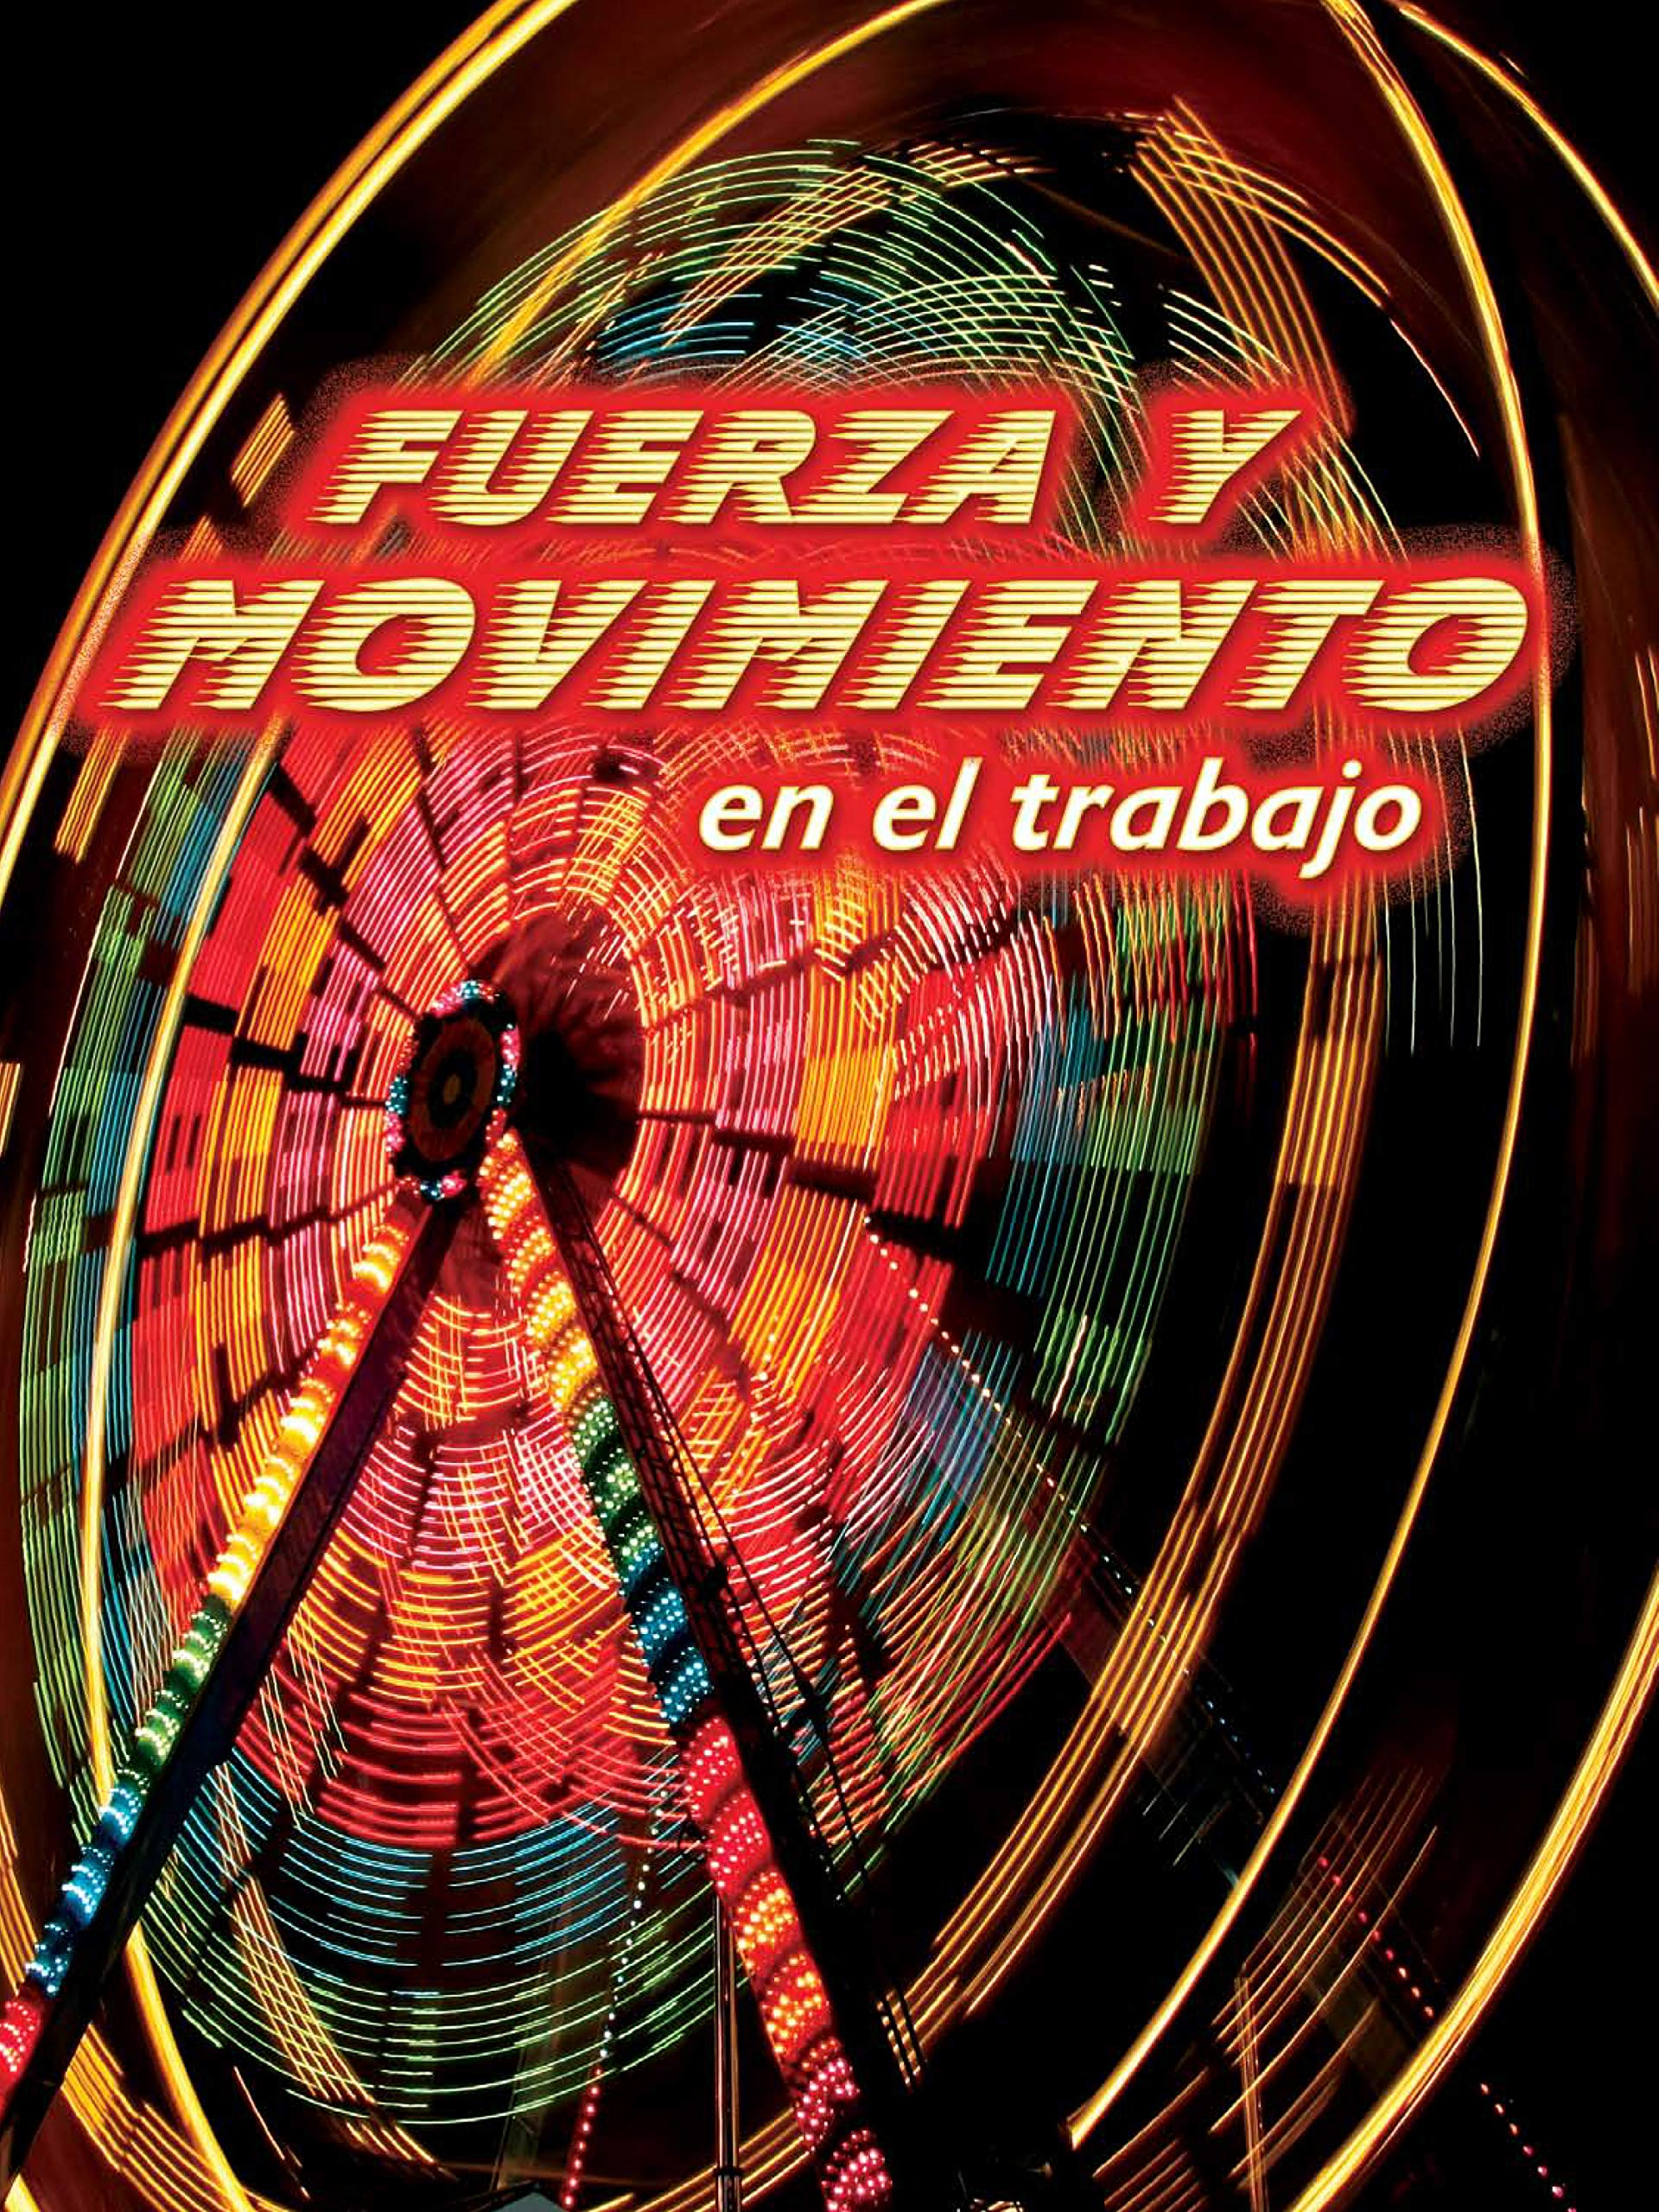 Download Fuerza y movimiento en el trabajo: Forces and Motion at Work (Let's Explore Science) pdf